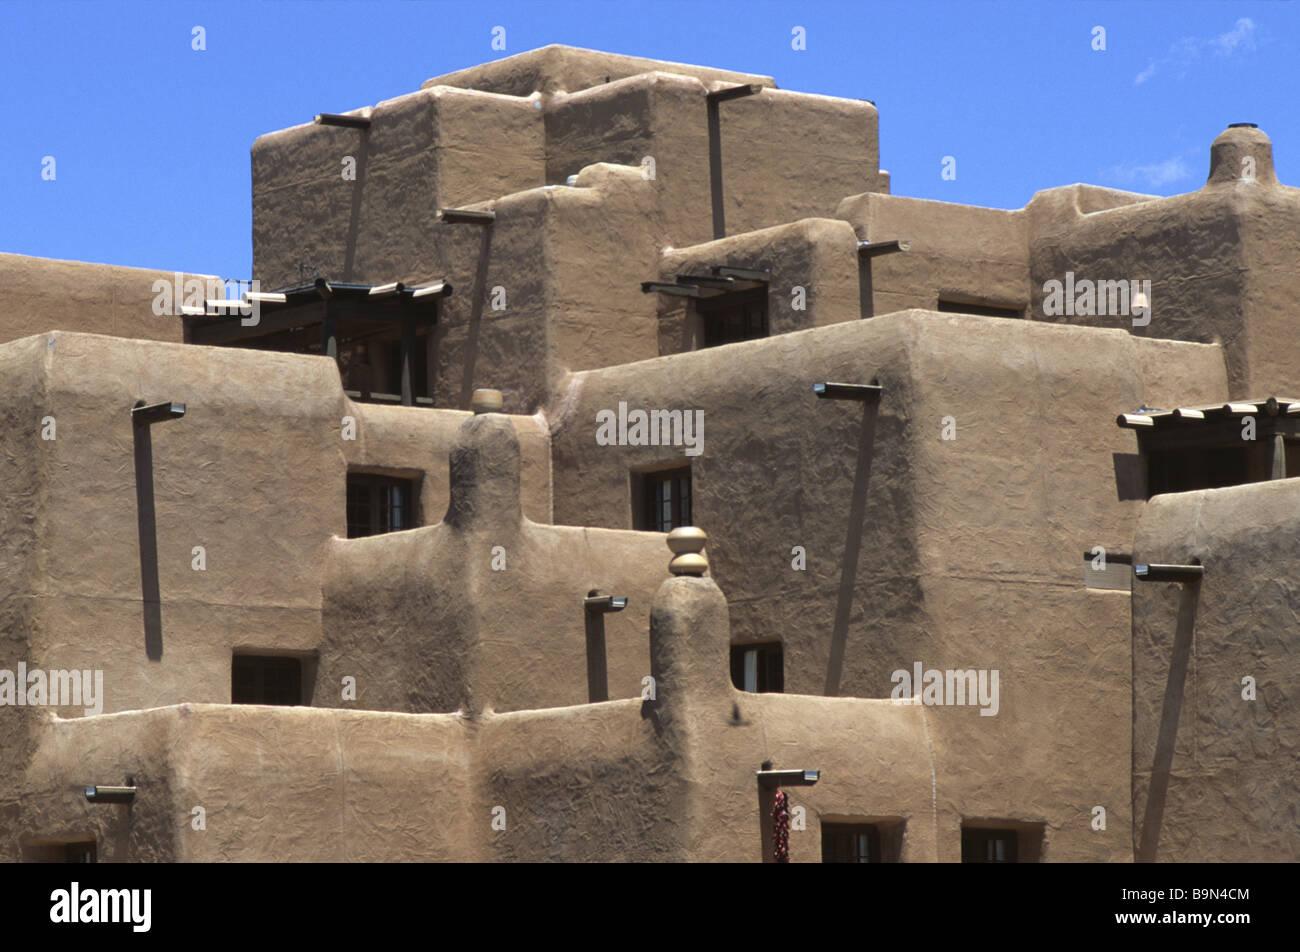 Adobe Pueblo Style Architecture In Santa Fe New Mexico Usa